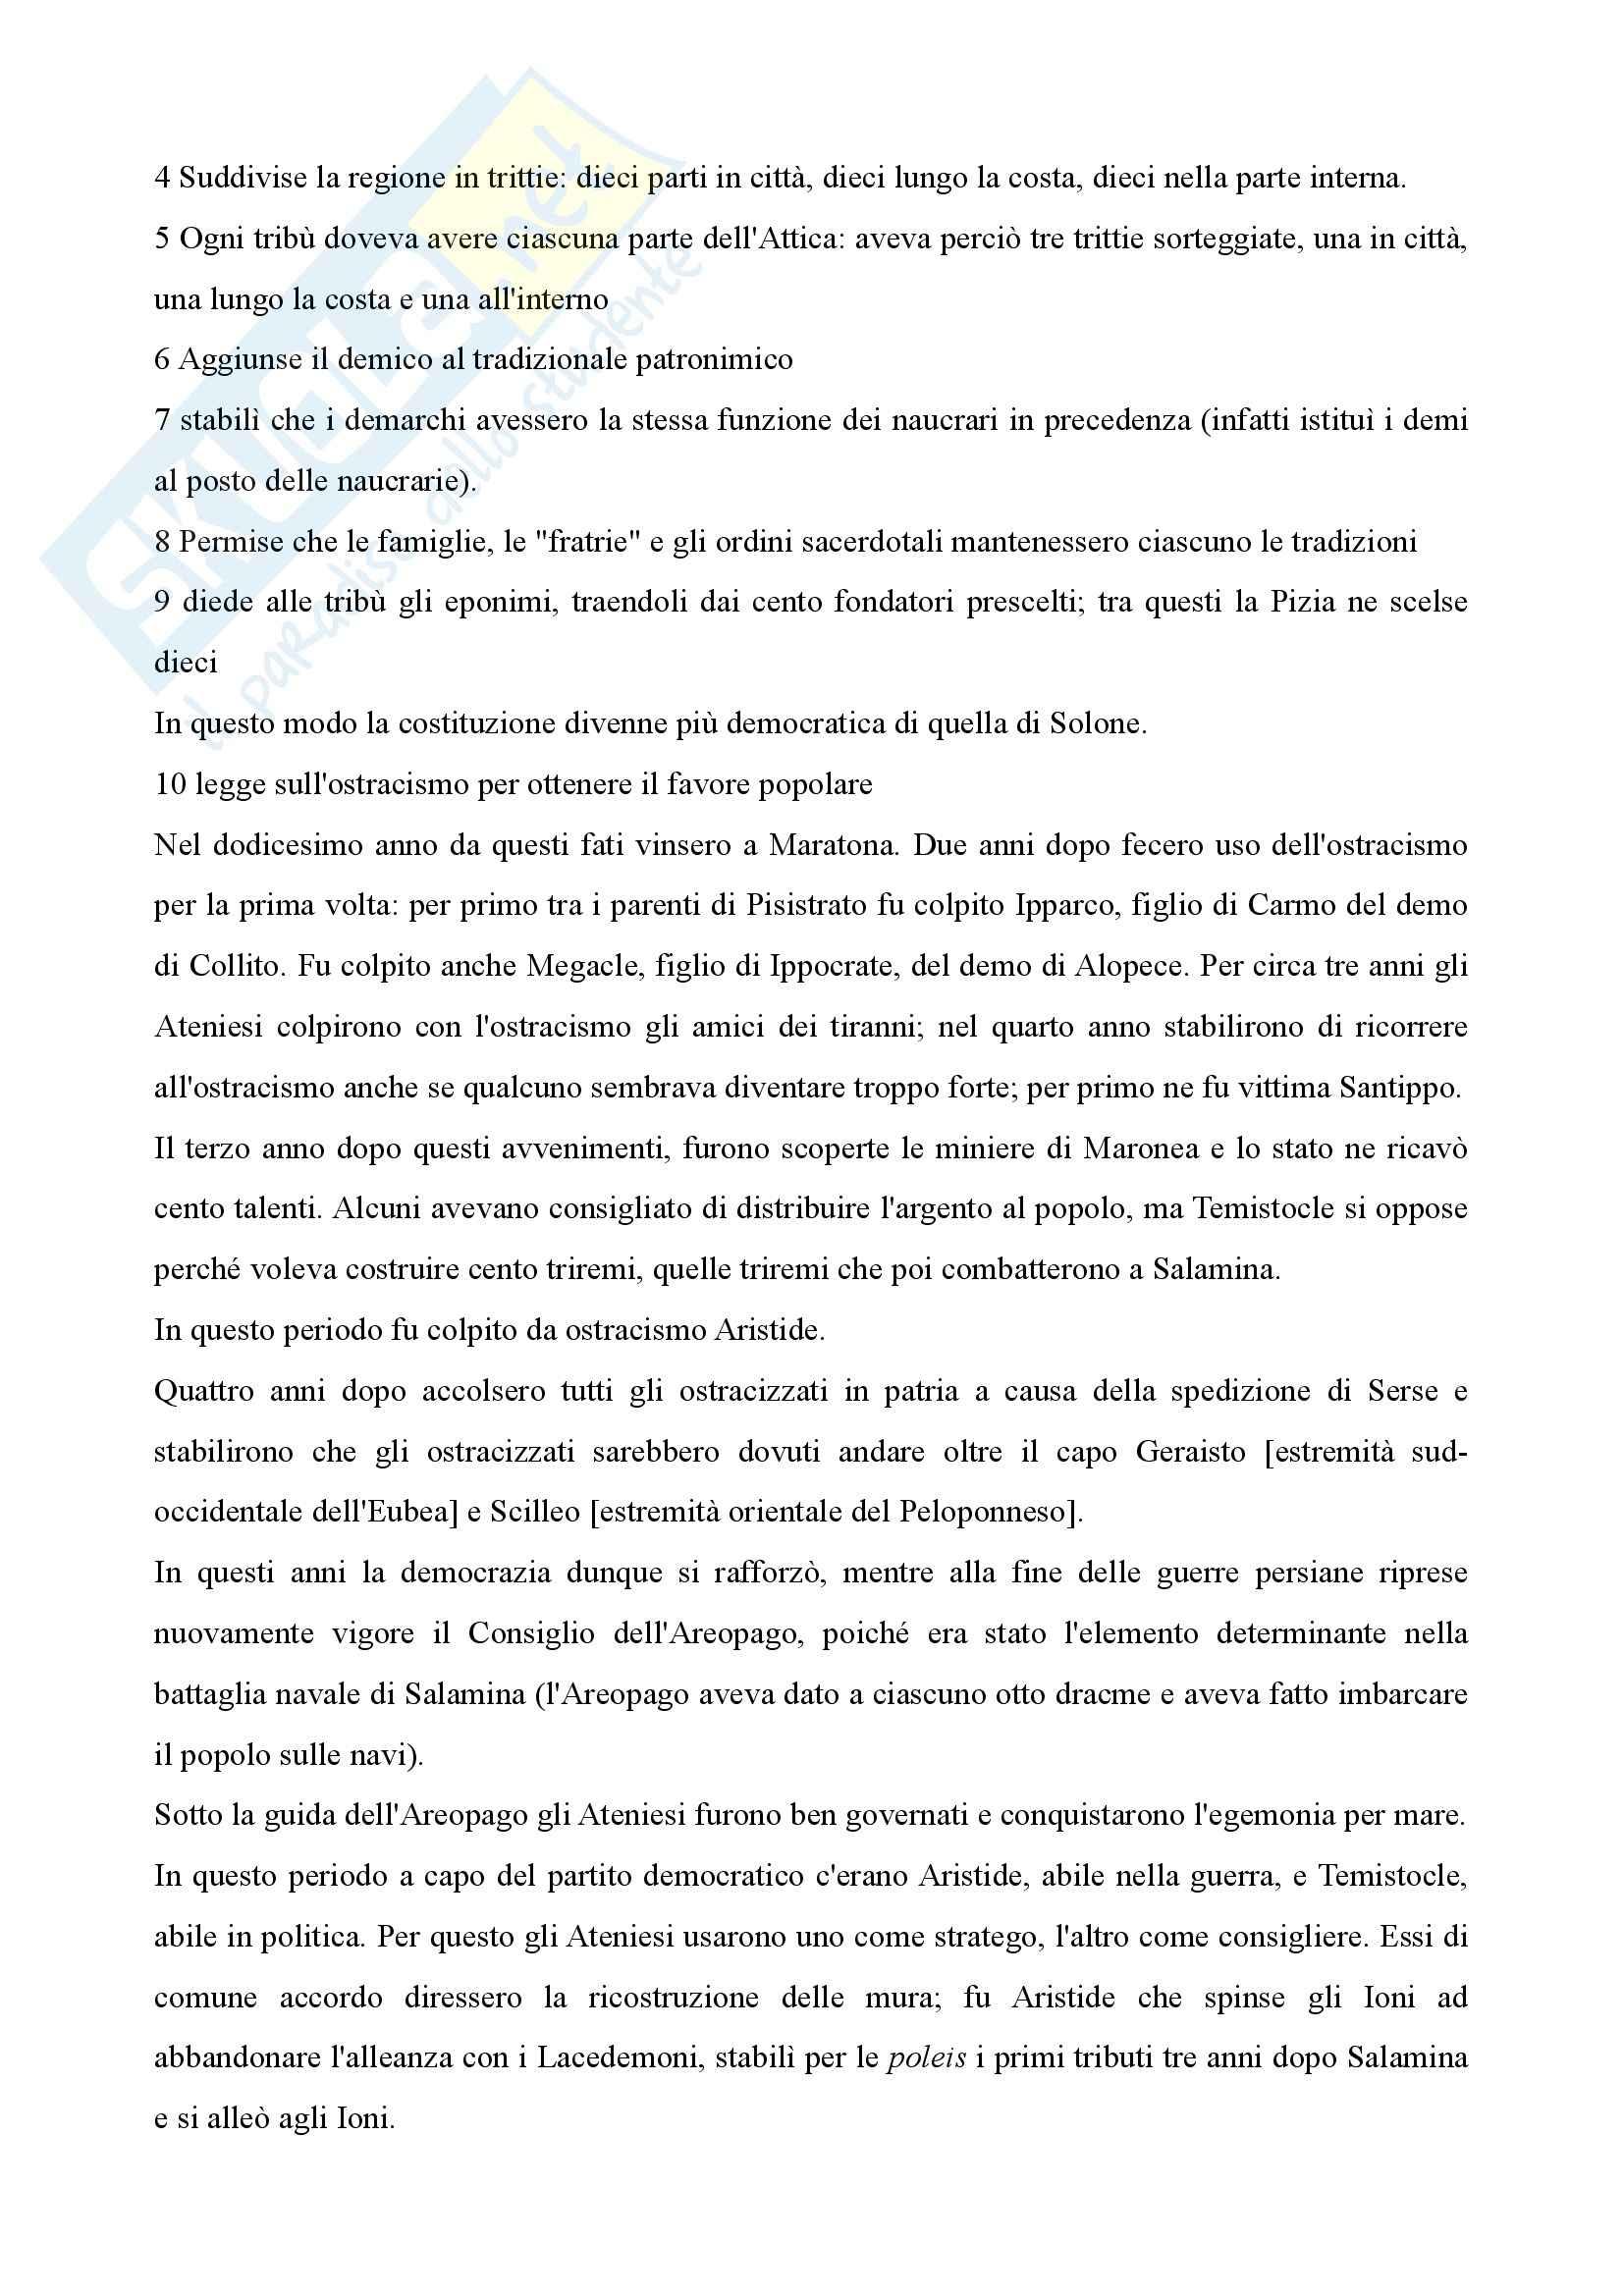 Storia greca - costituzione degli Ateniesi di Aristotele Pag. 6